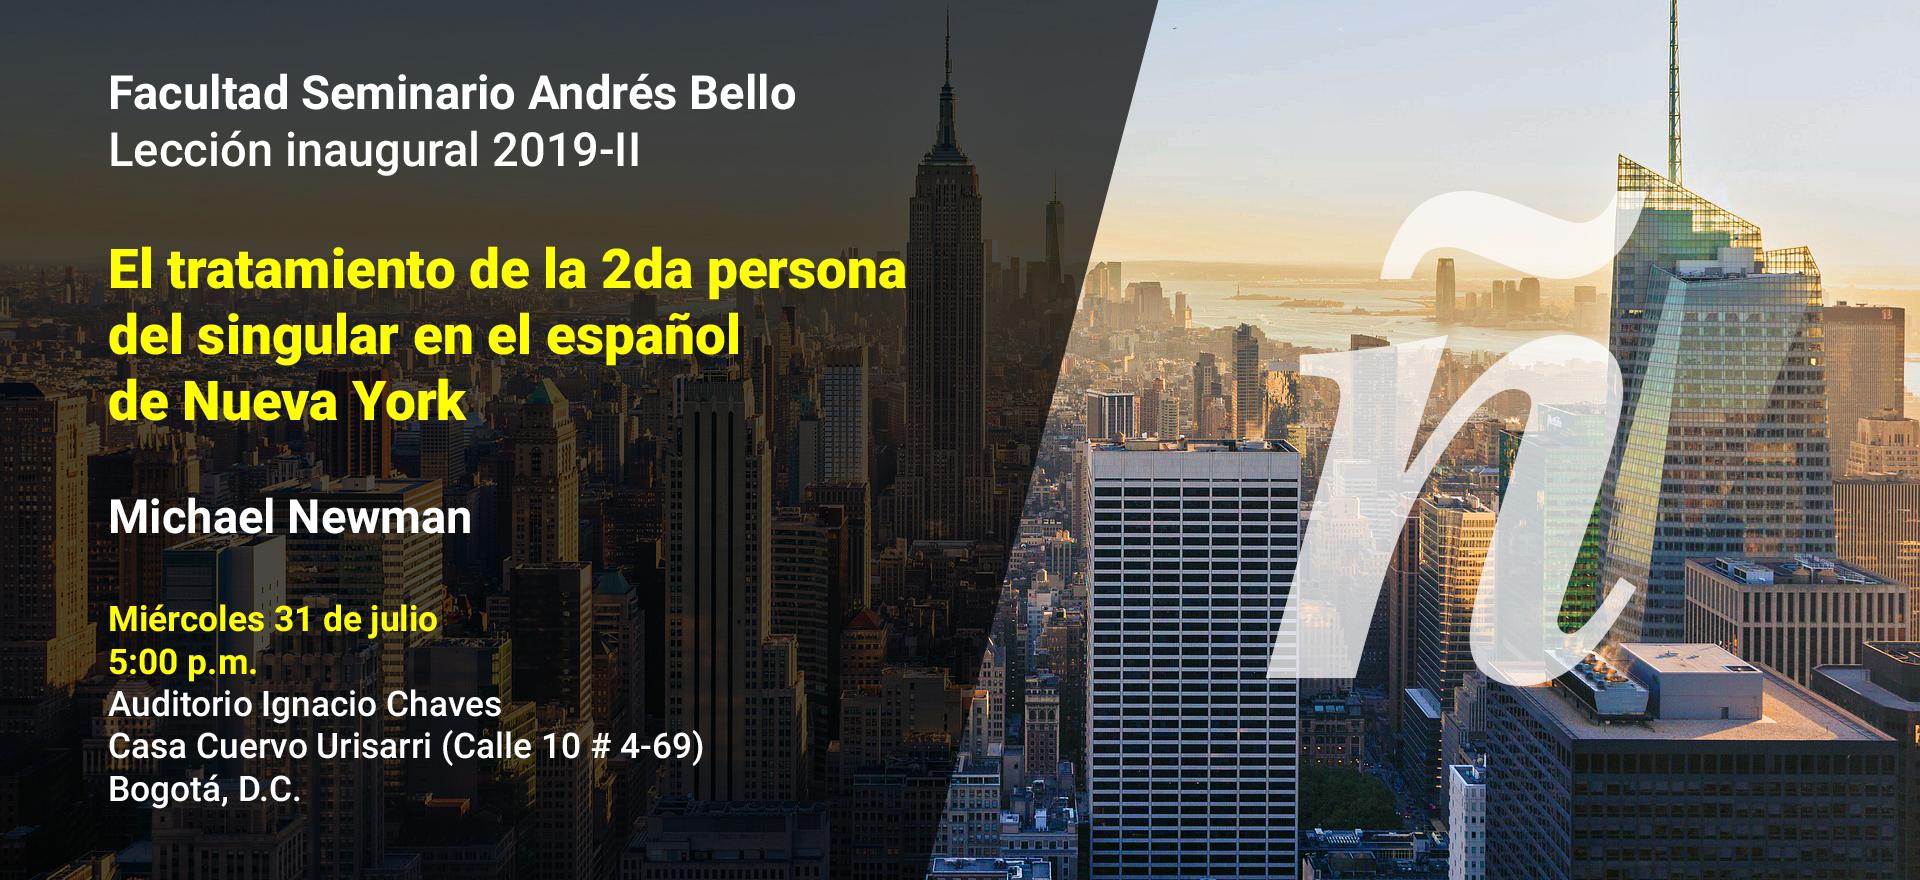 El tratamiento de la 2da persona del singular en el español de Nueva York